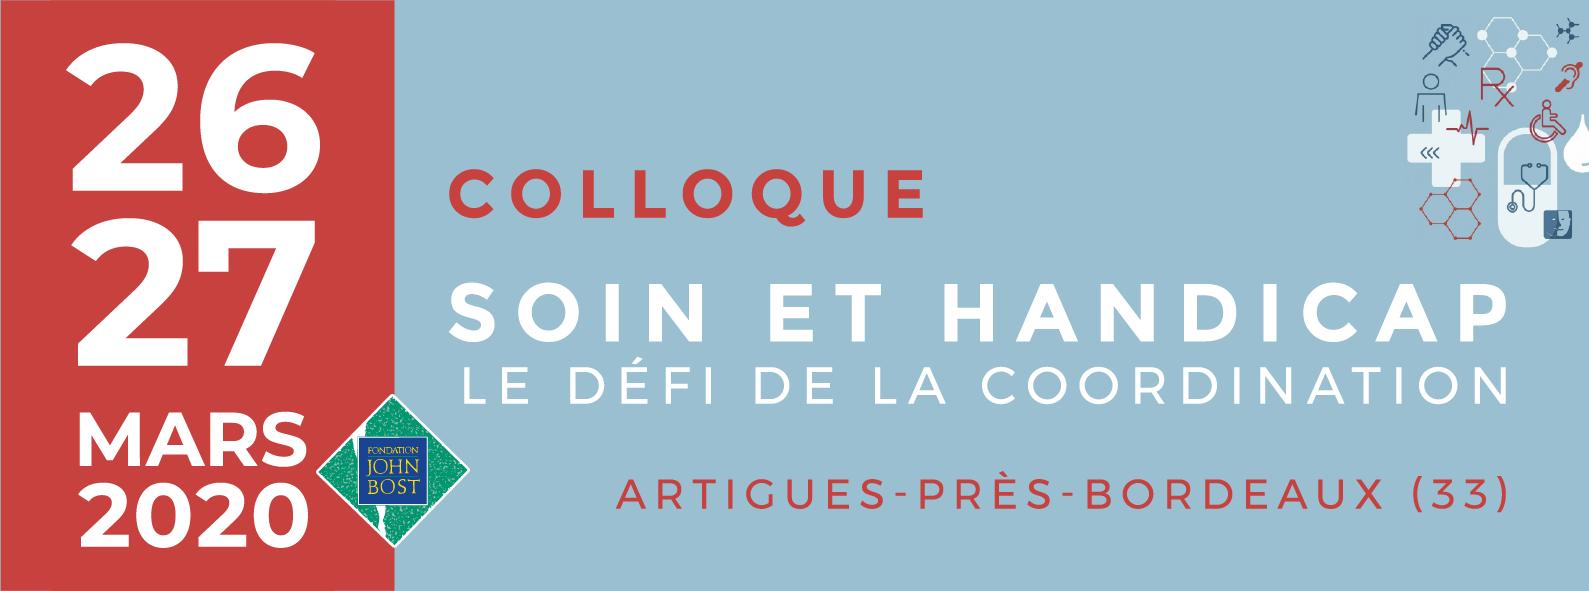 26 et 27 mars 2020 colloque soin et handicap à Artigues-près-Bordeaux